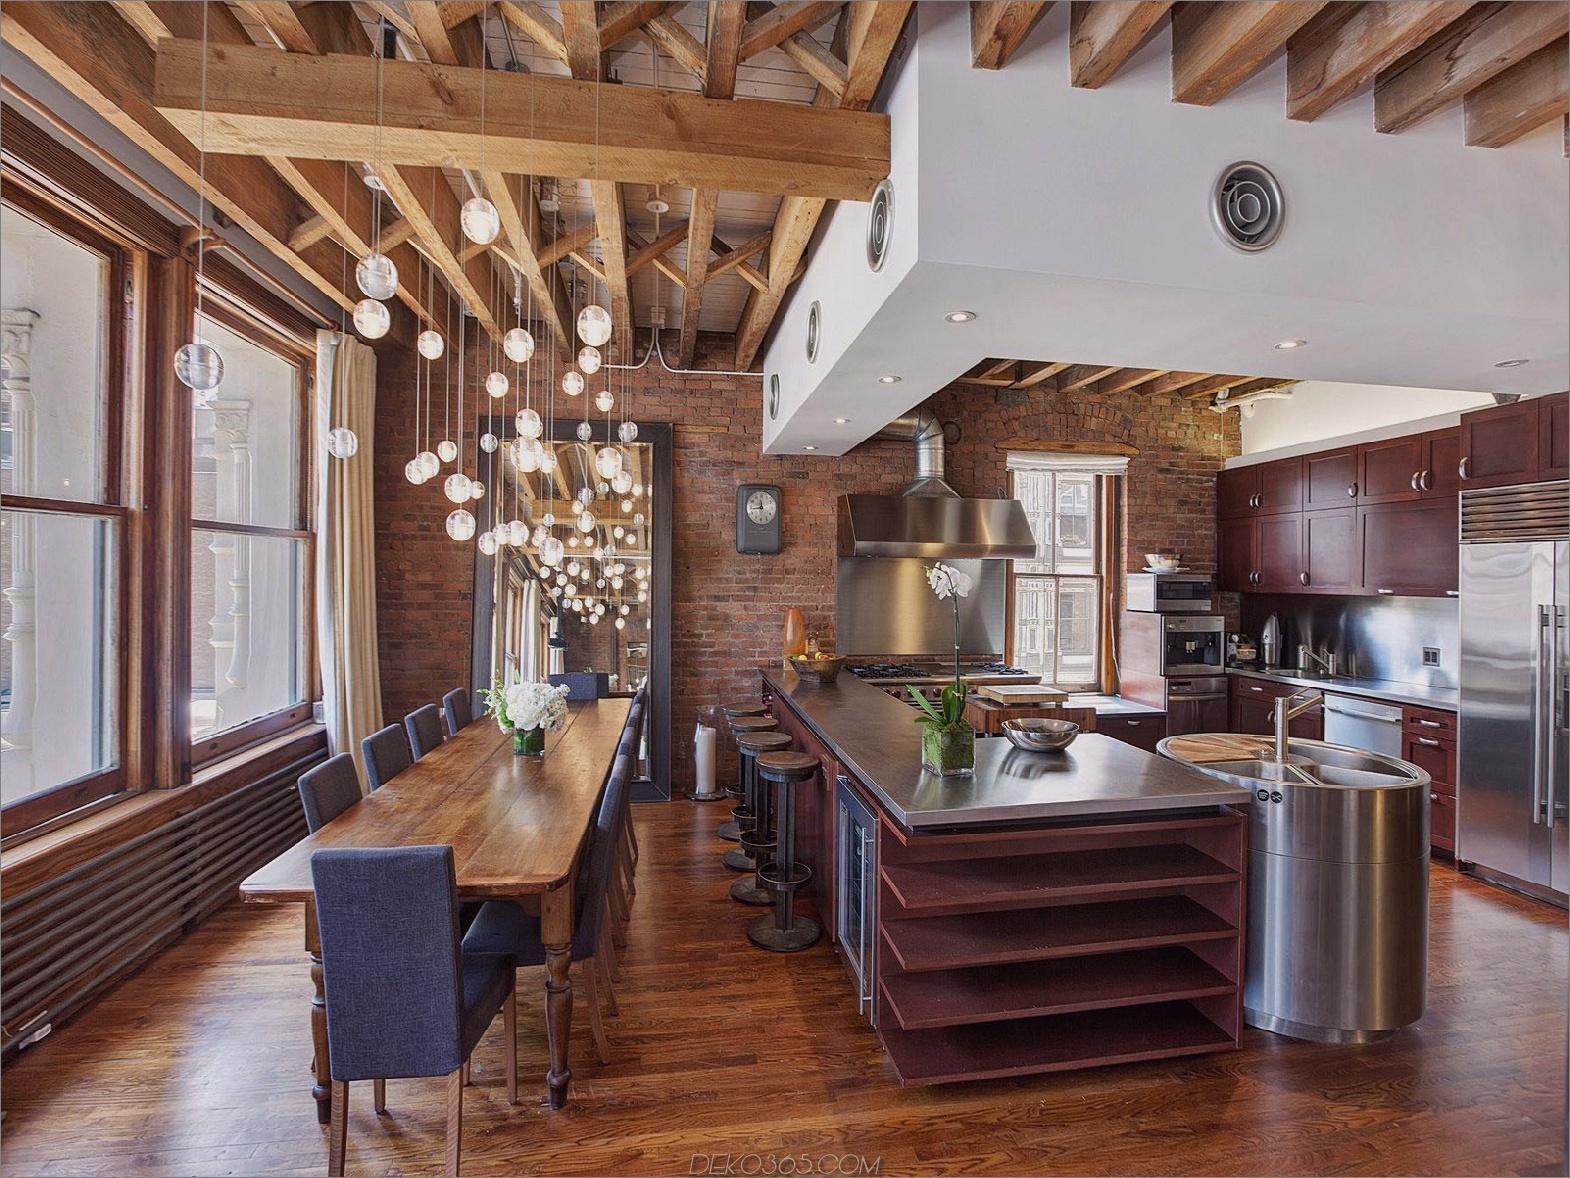 offene Grundrissküche Stilvoll essen Sie in Küchen, die gerade angesagt sind